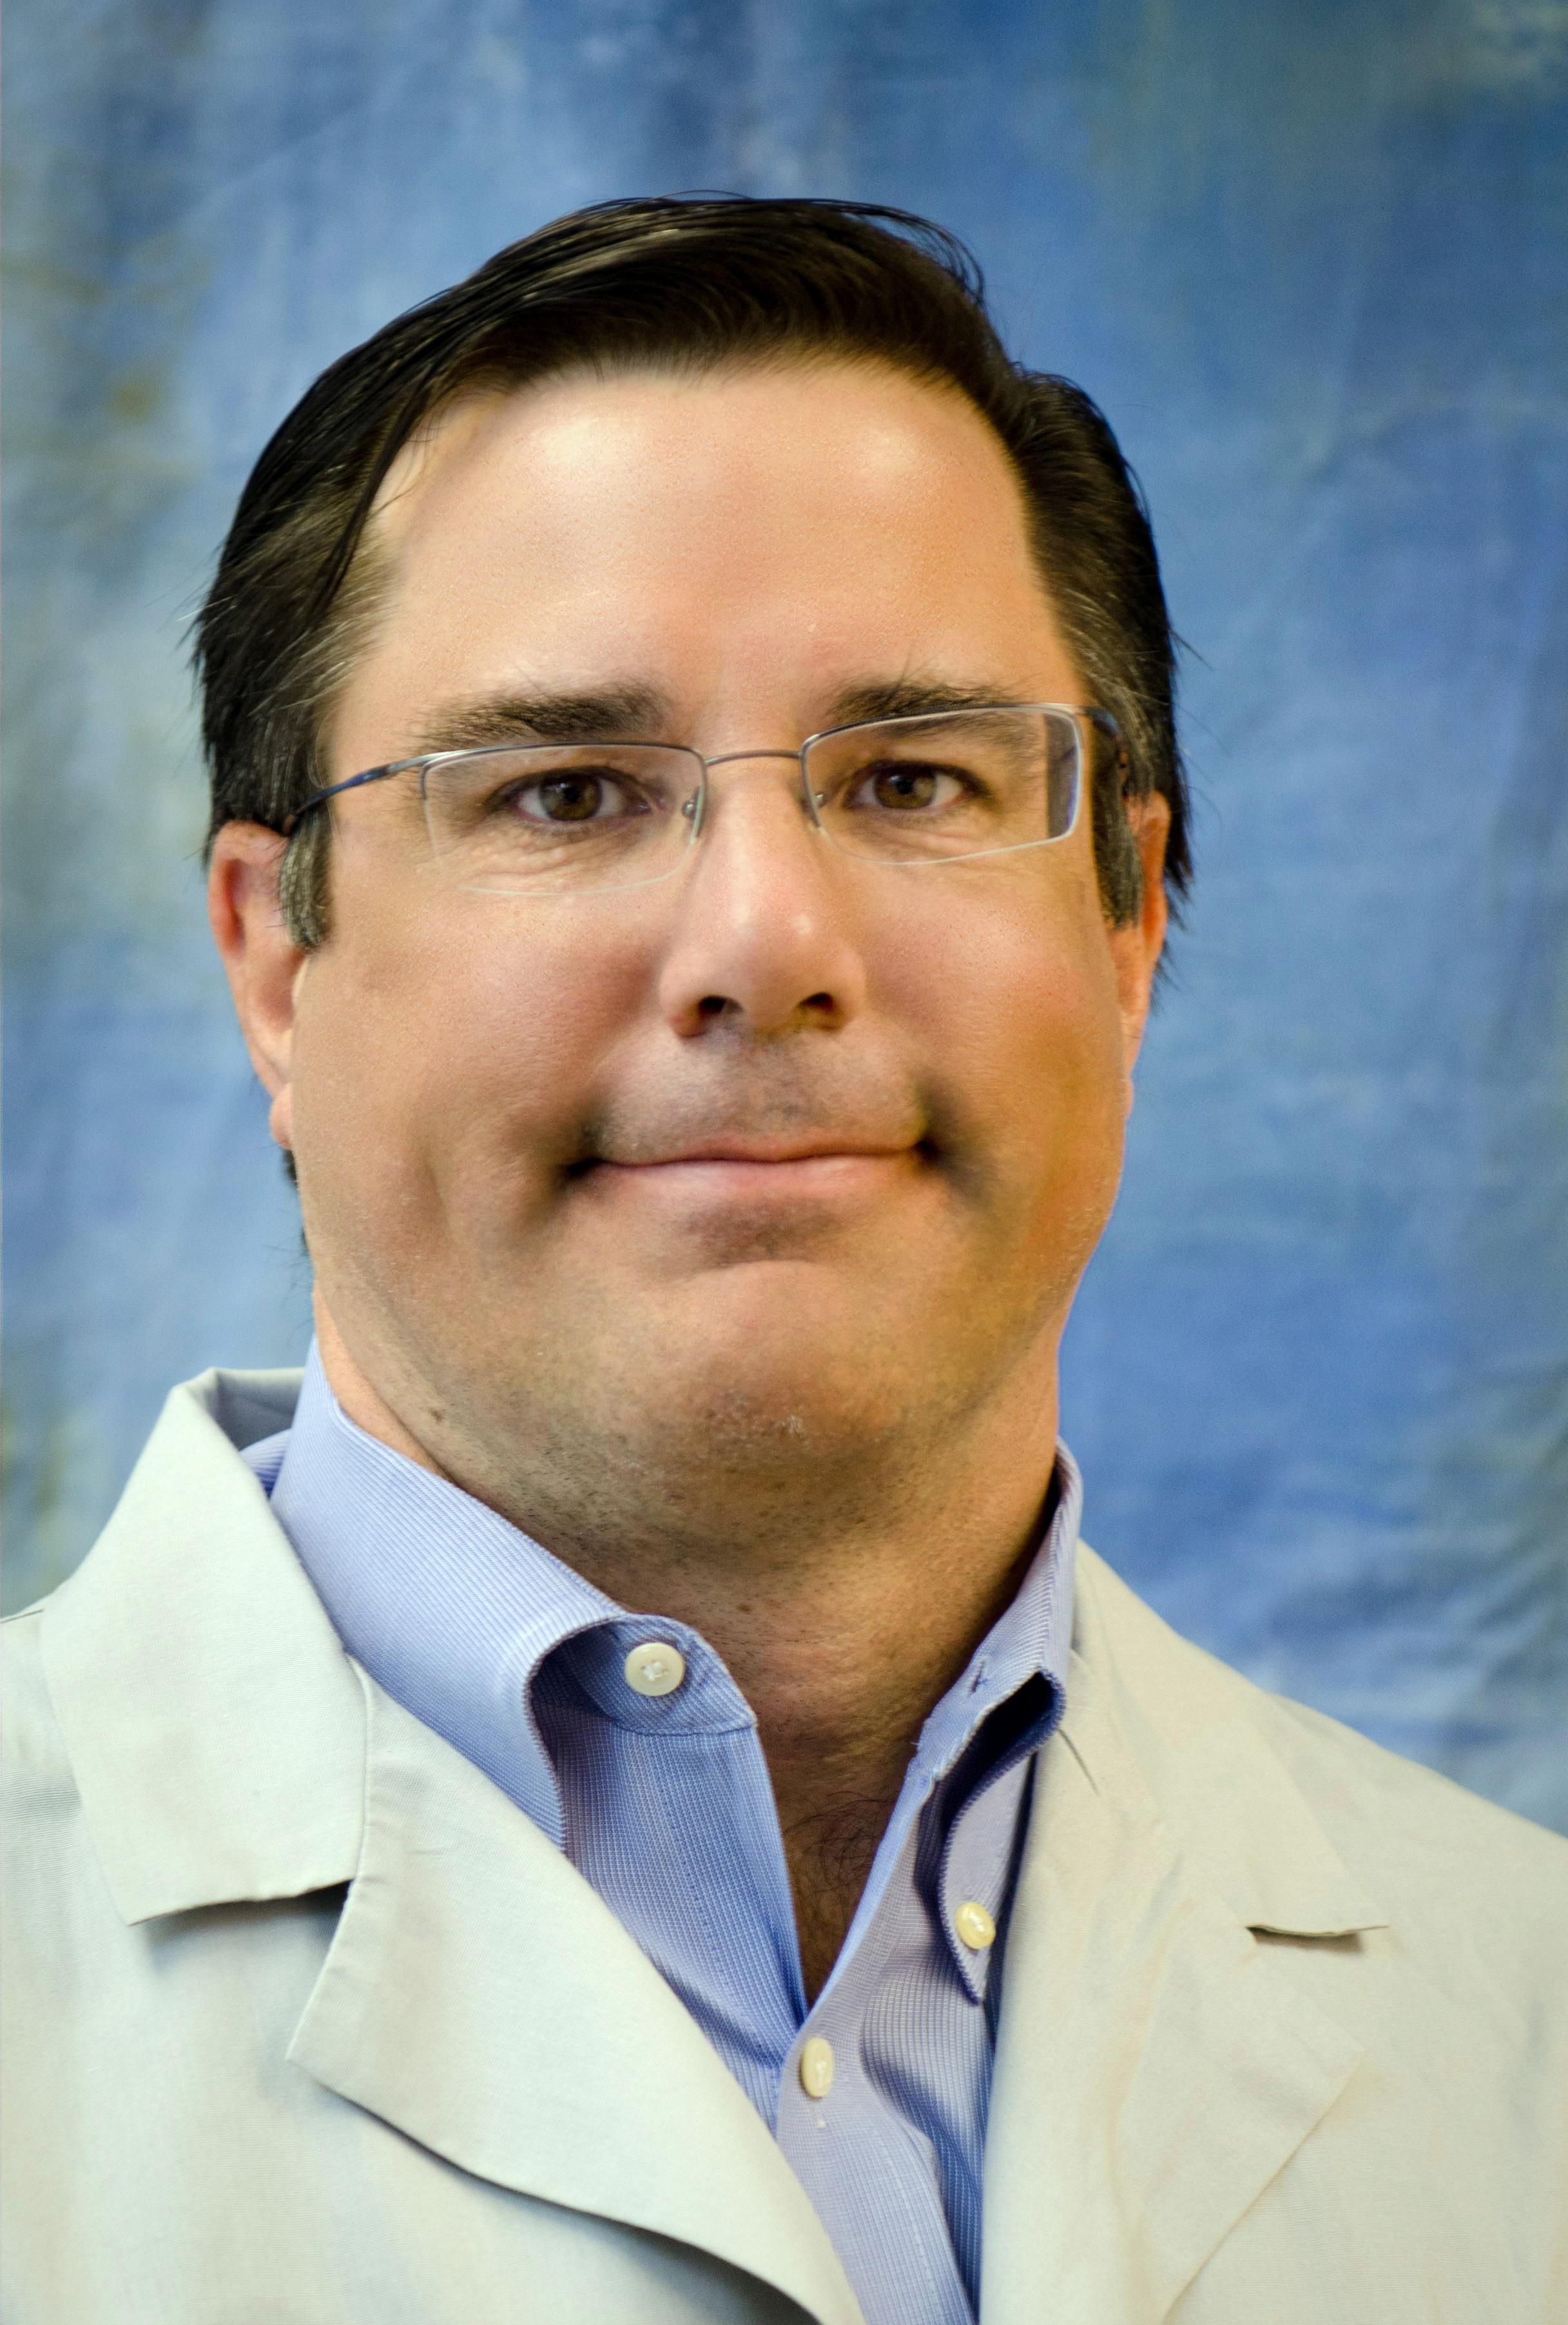 Trevor Lewis, MD